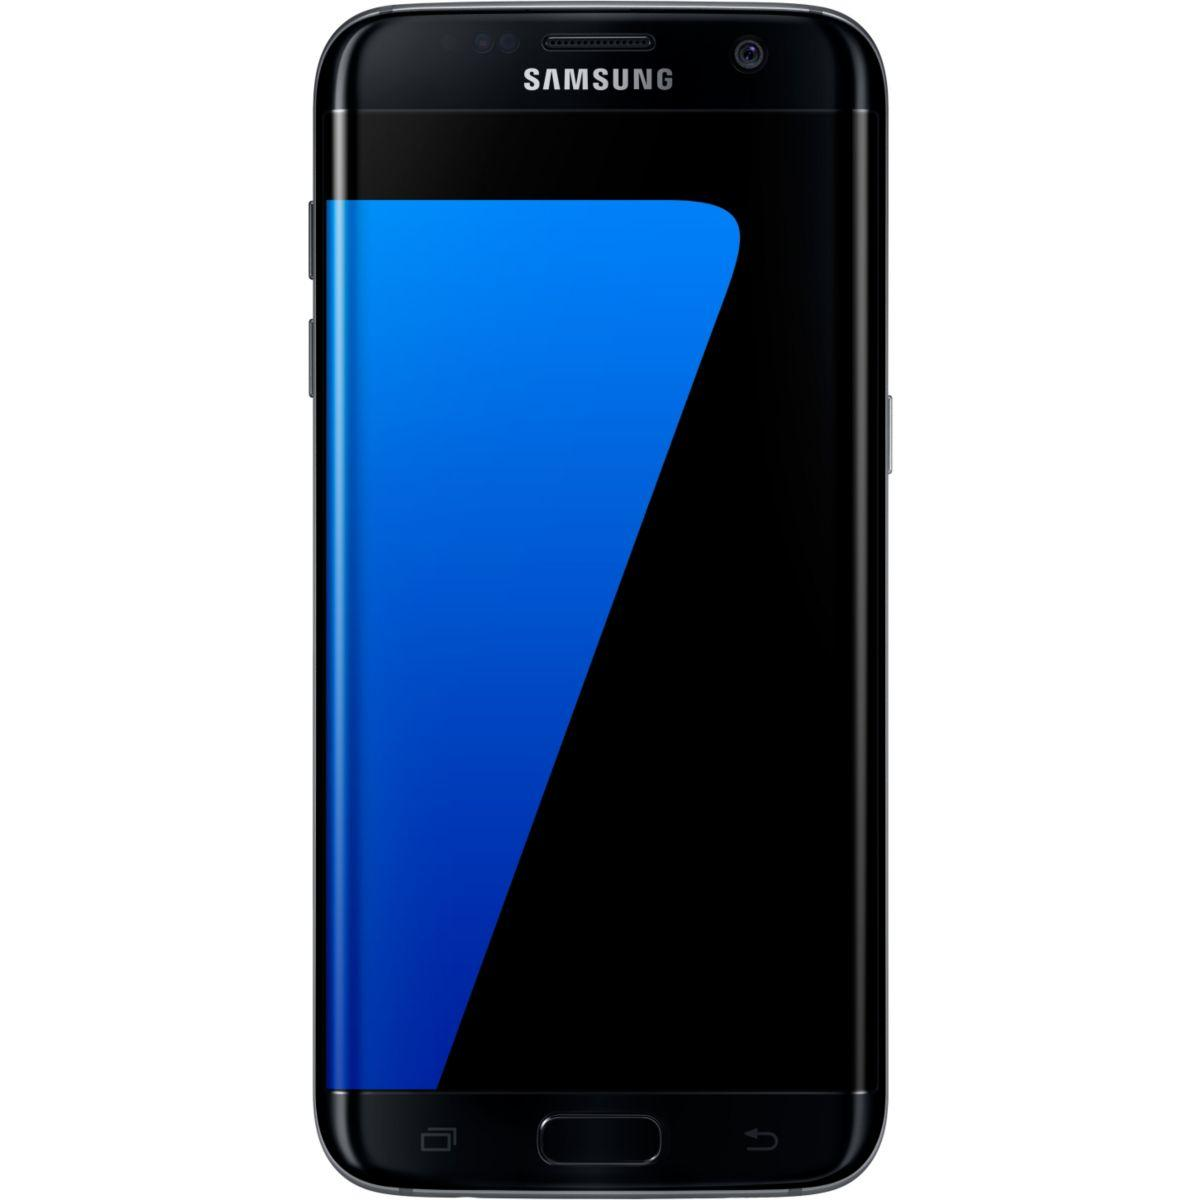 Pack promo smartphone samsung galaxy s7 edge noir 32 go + coque samsung cuir noir galaxy s7 edge - soldes et bonnes affaires à prix imbattables